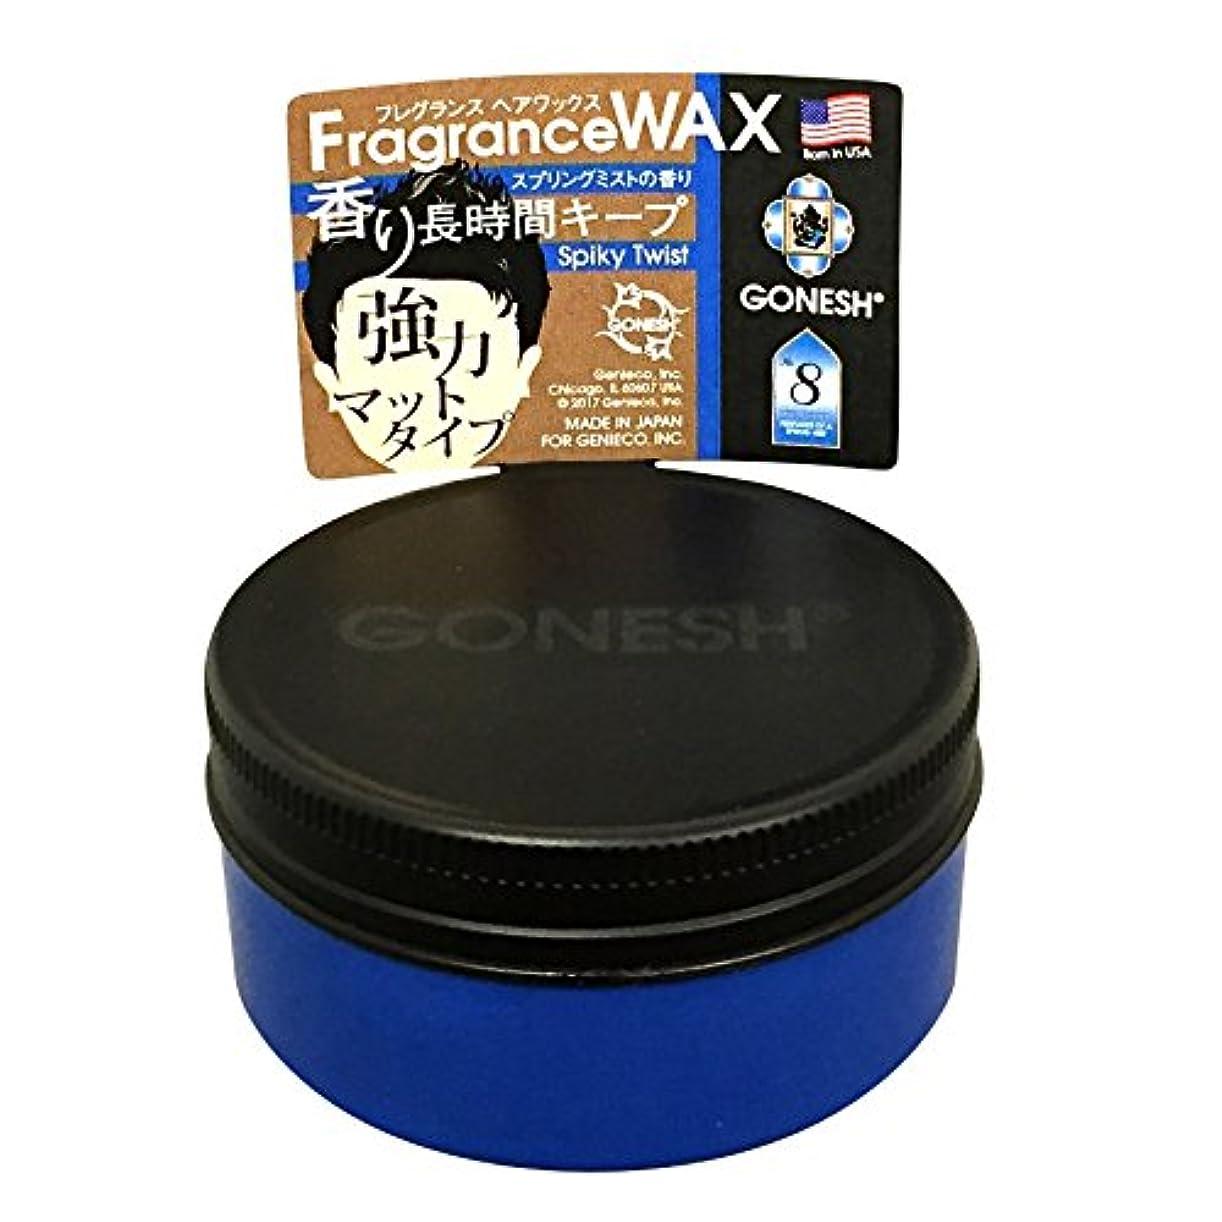 するエクスタシー全部GONESH フレグランスヘアワックス(スタイリング剤) NO.8 強力マットタイプ 60g